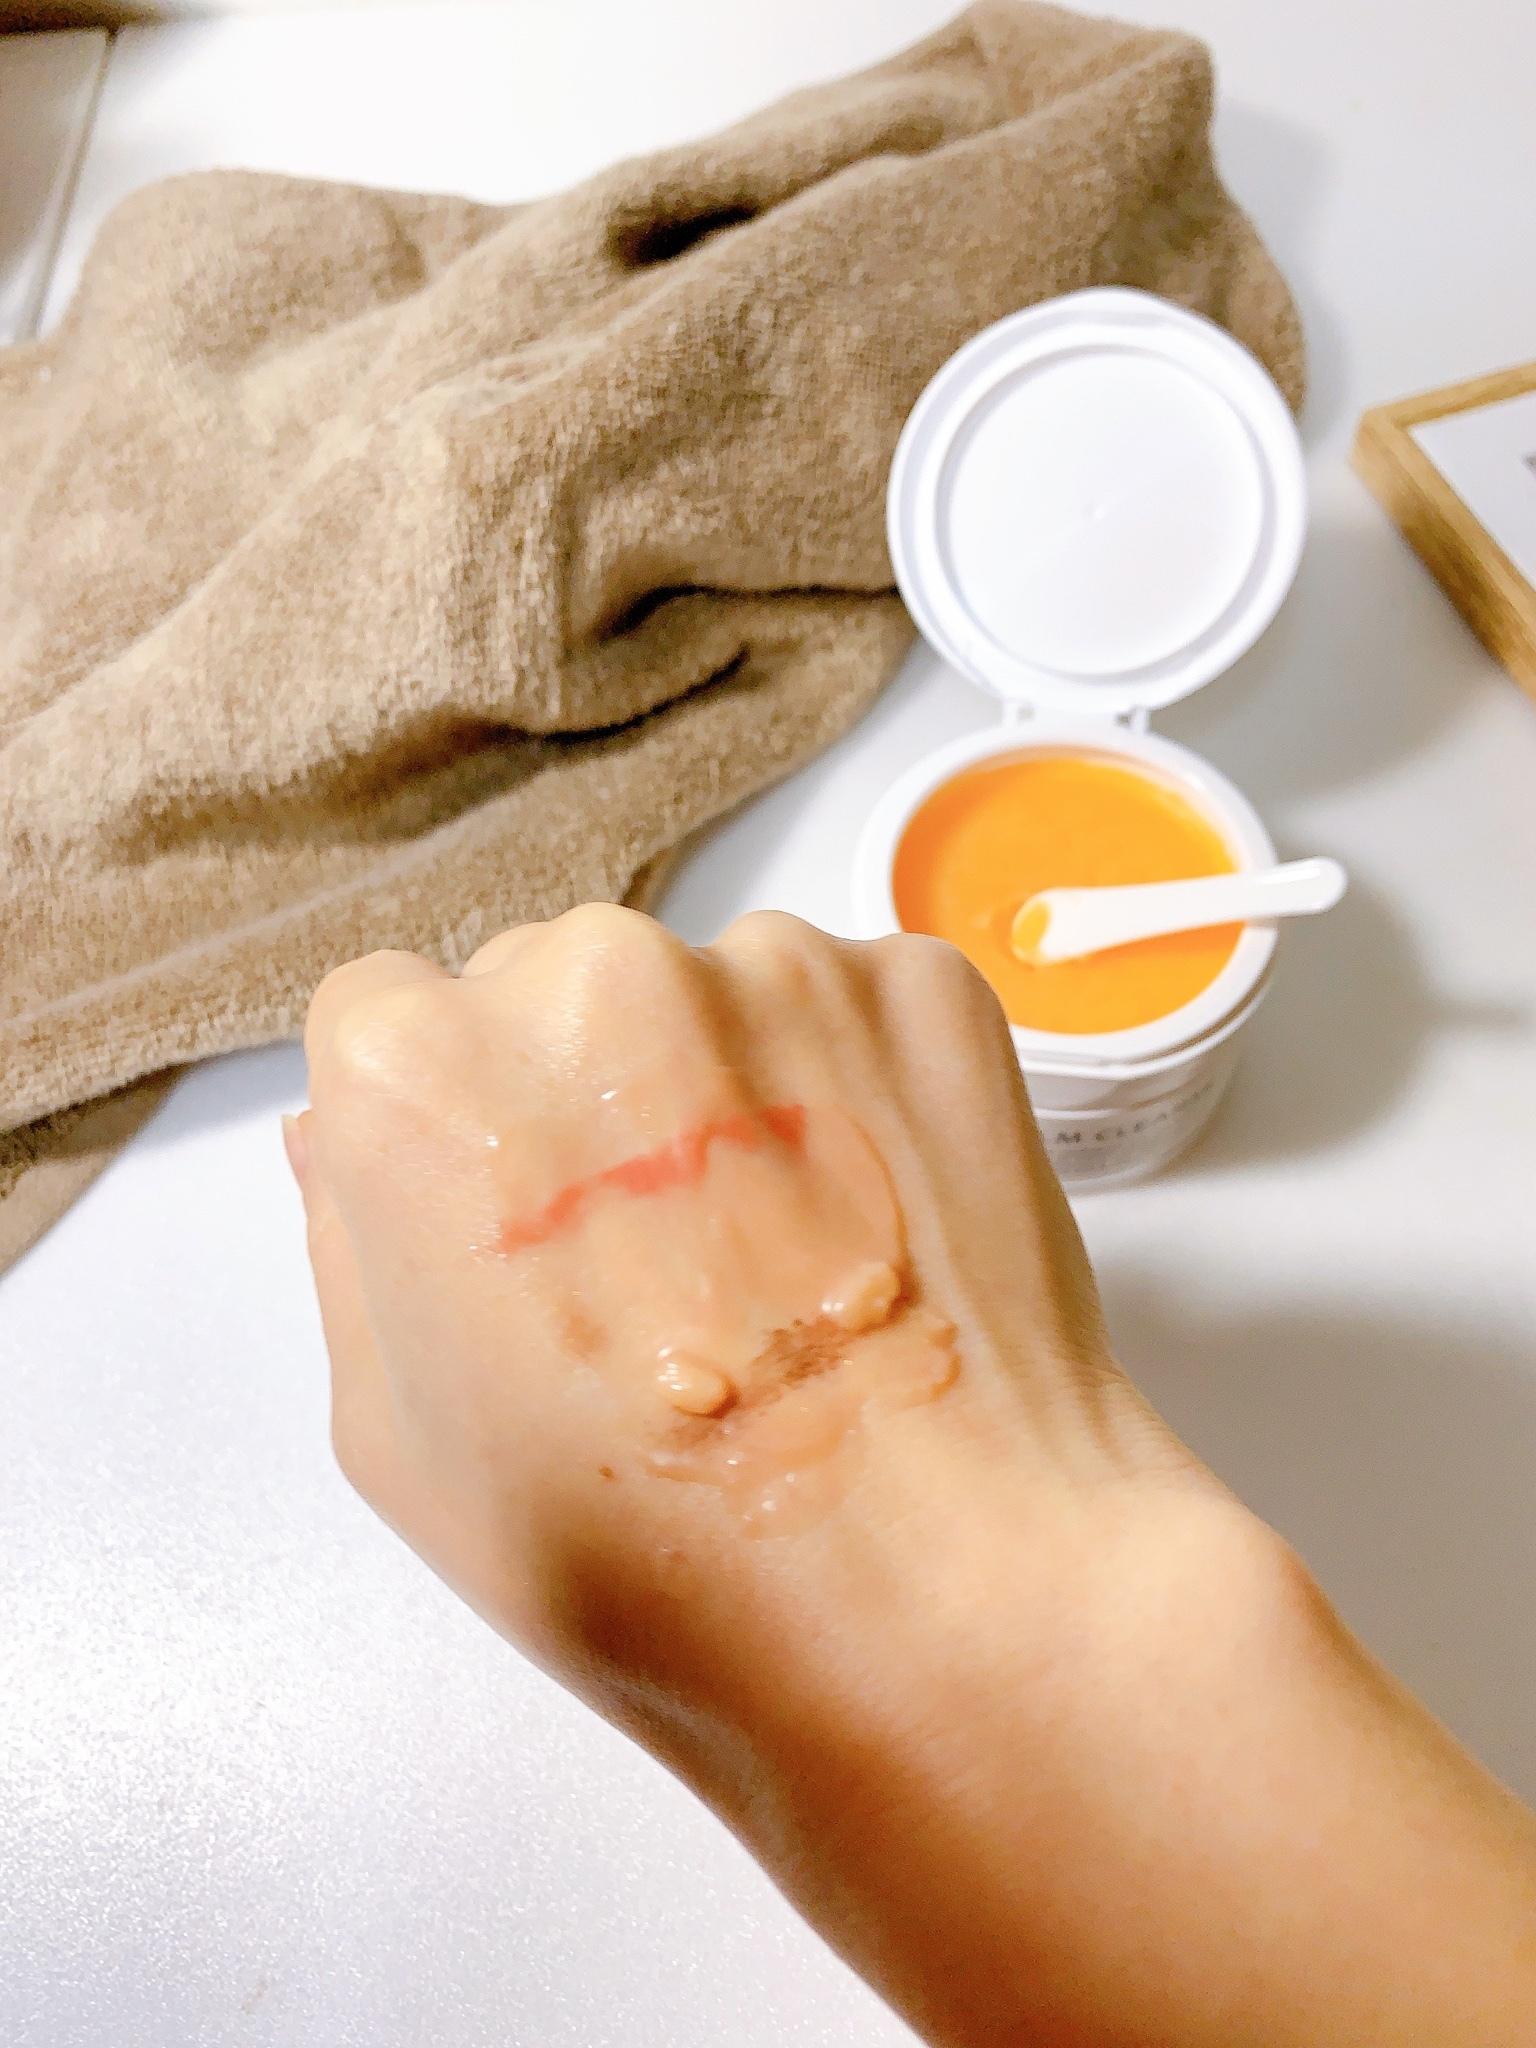 MELLIFE(メリフ) / BALM CLEANSEの口コミ写真(by 日高あきさん 2枚目)|美容・化粧品情報はアットコスメ